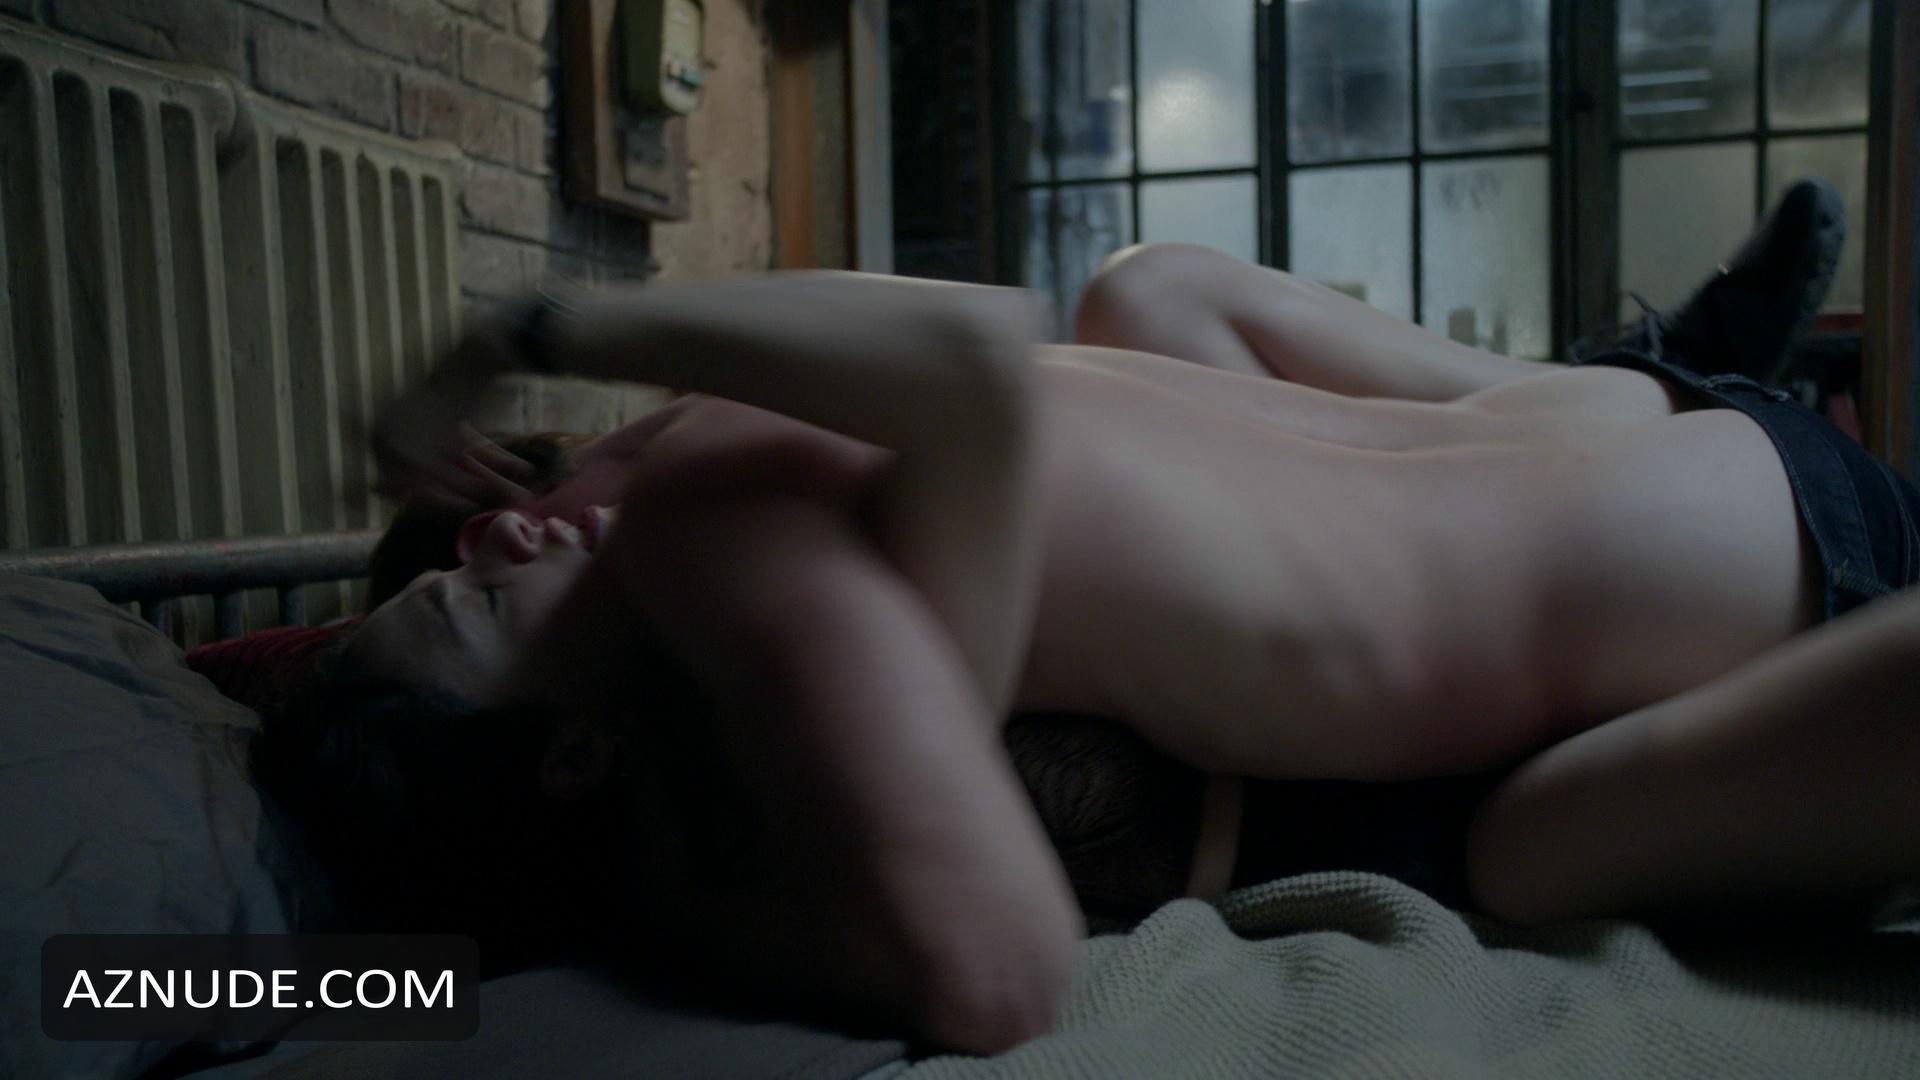 Celebrity Chris Evans Fake Nudes Images